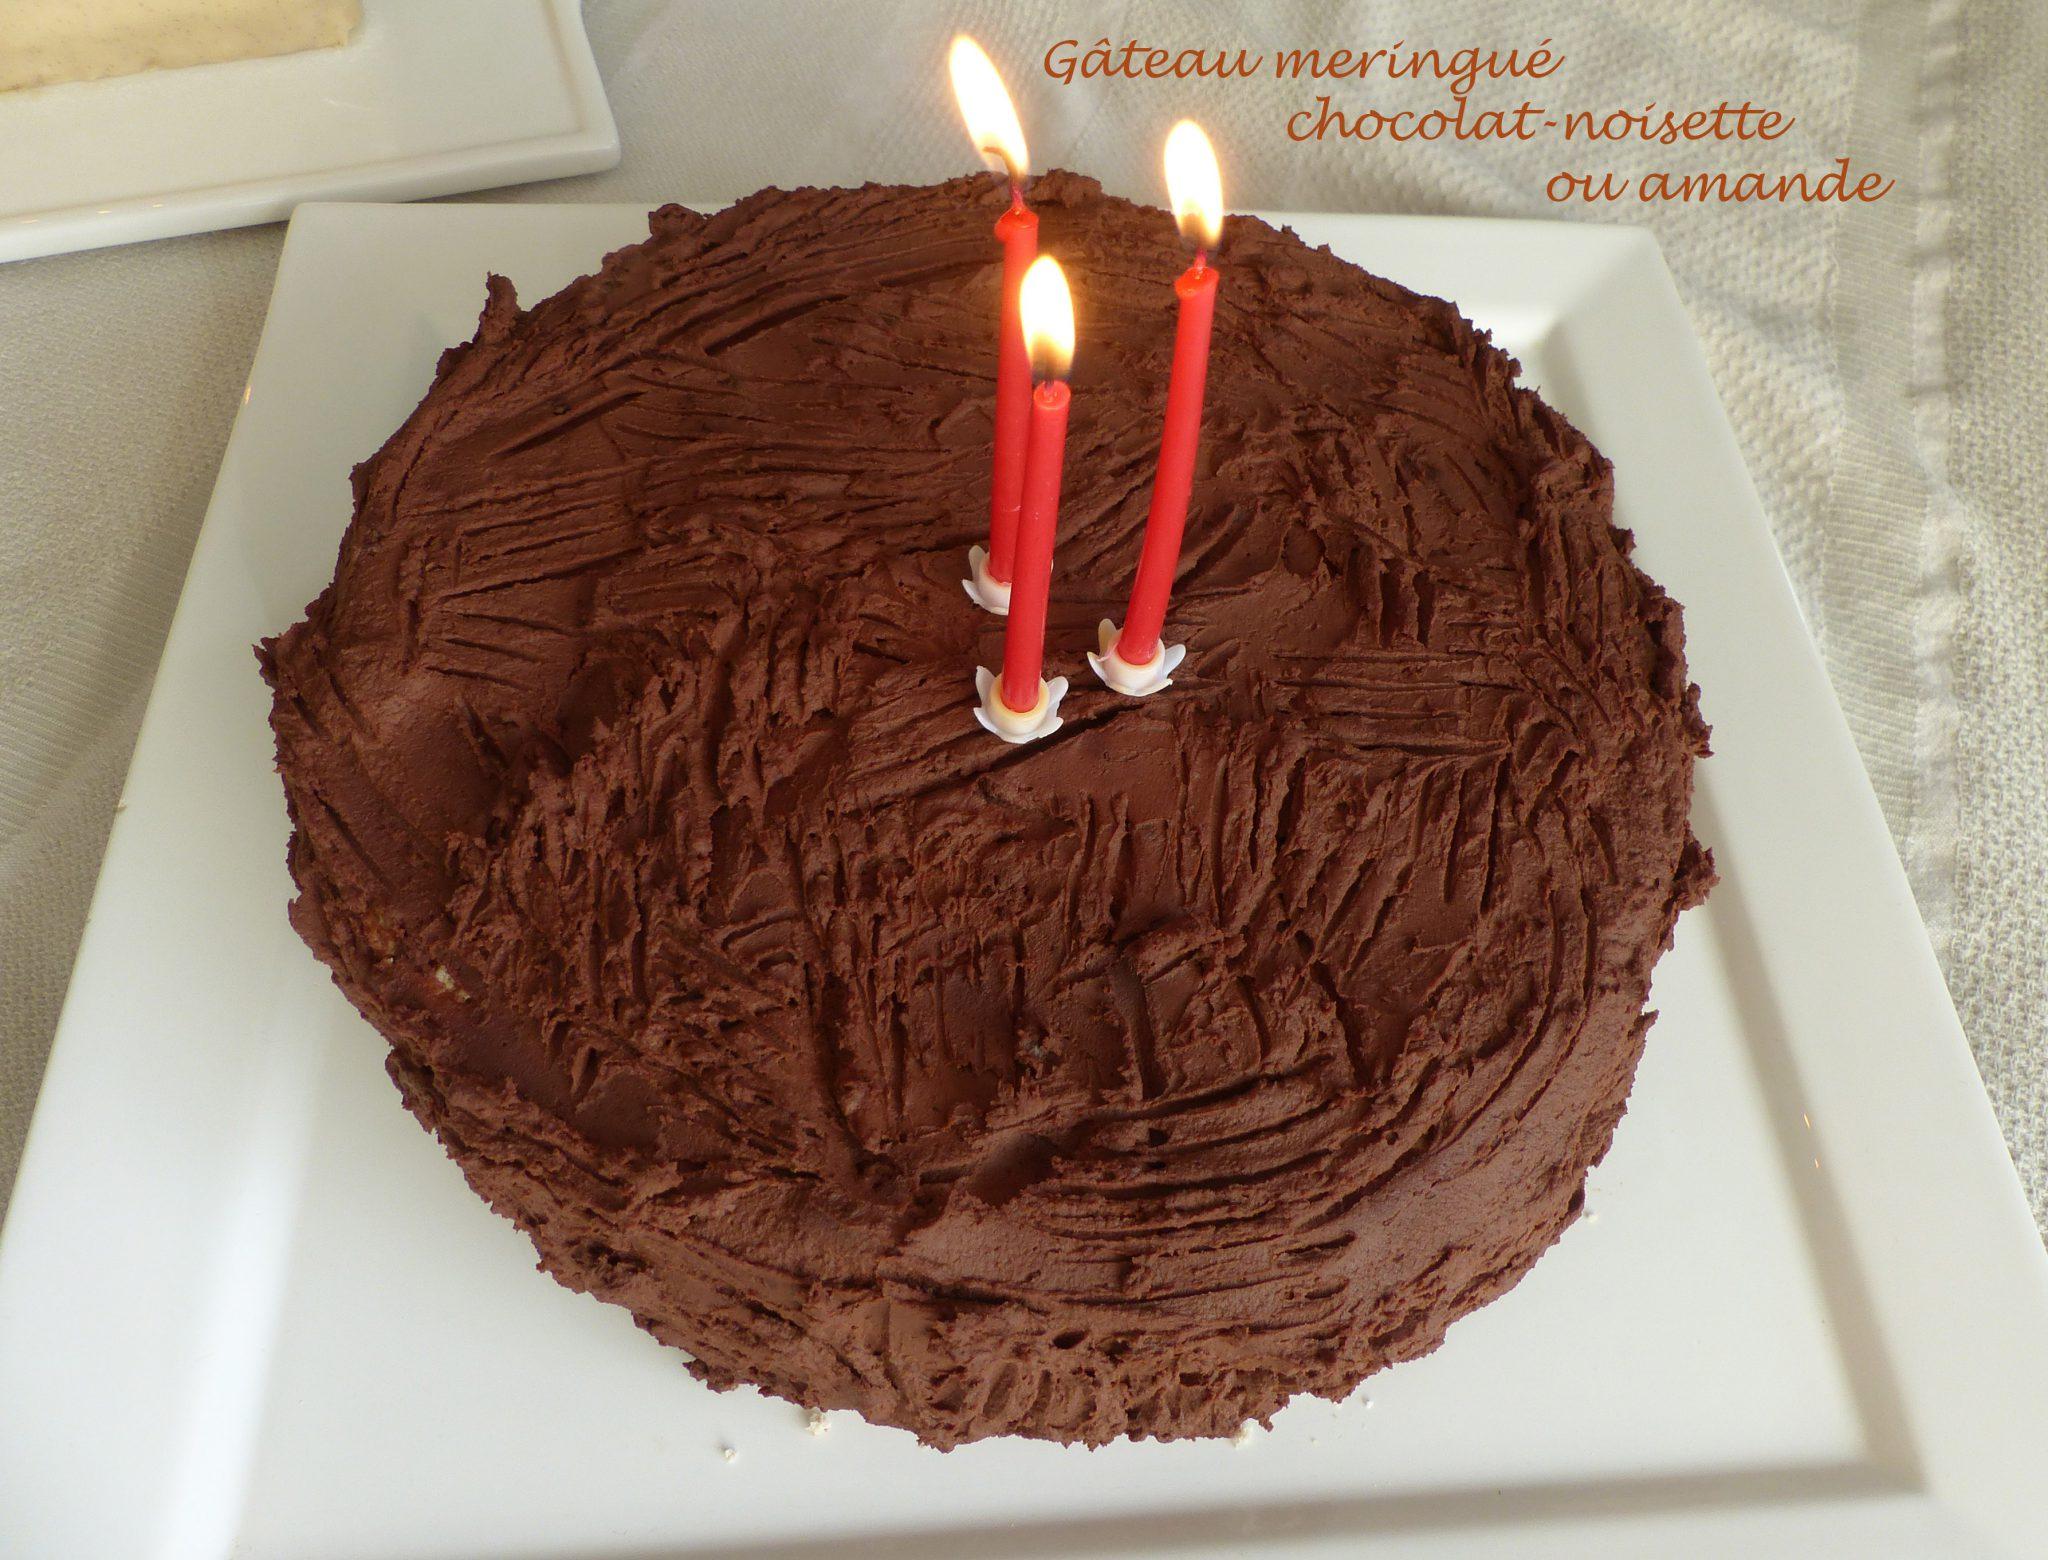 Gâteau meringué chocolat-noisette P1080146 R